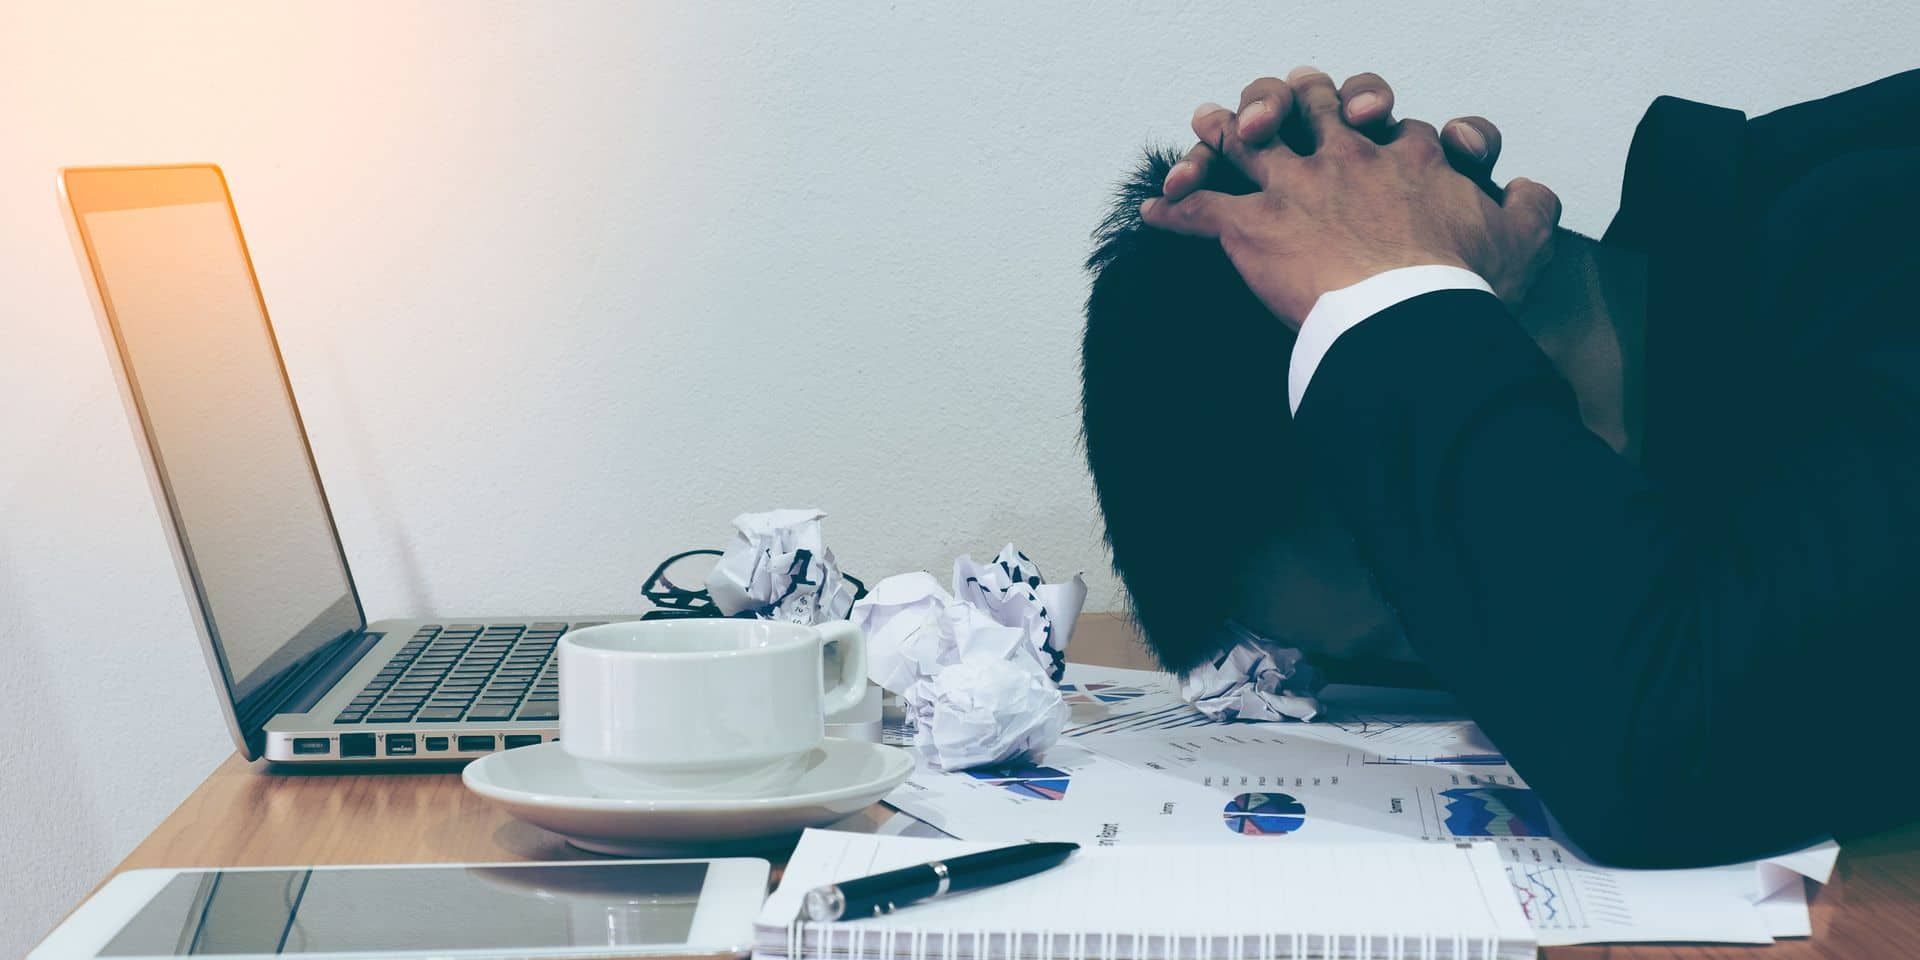 Le bonheur au travail: pourquoi ça coince tant?